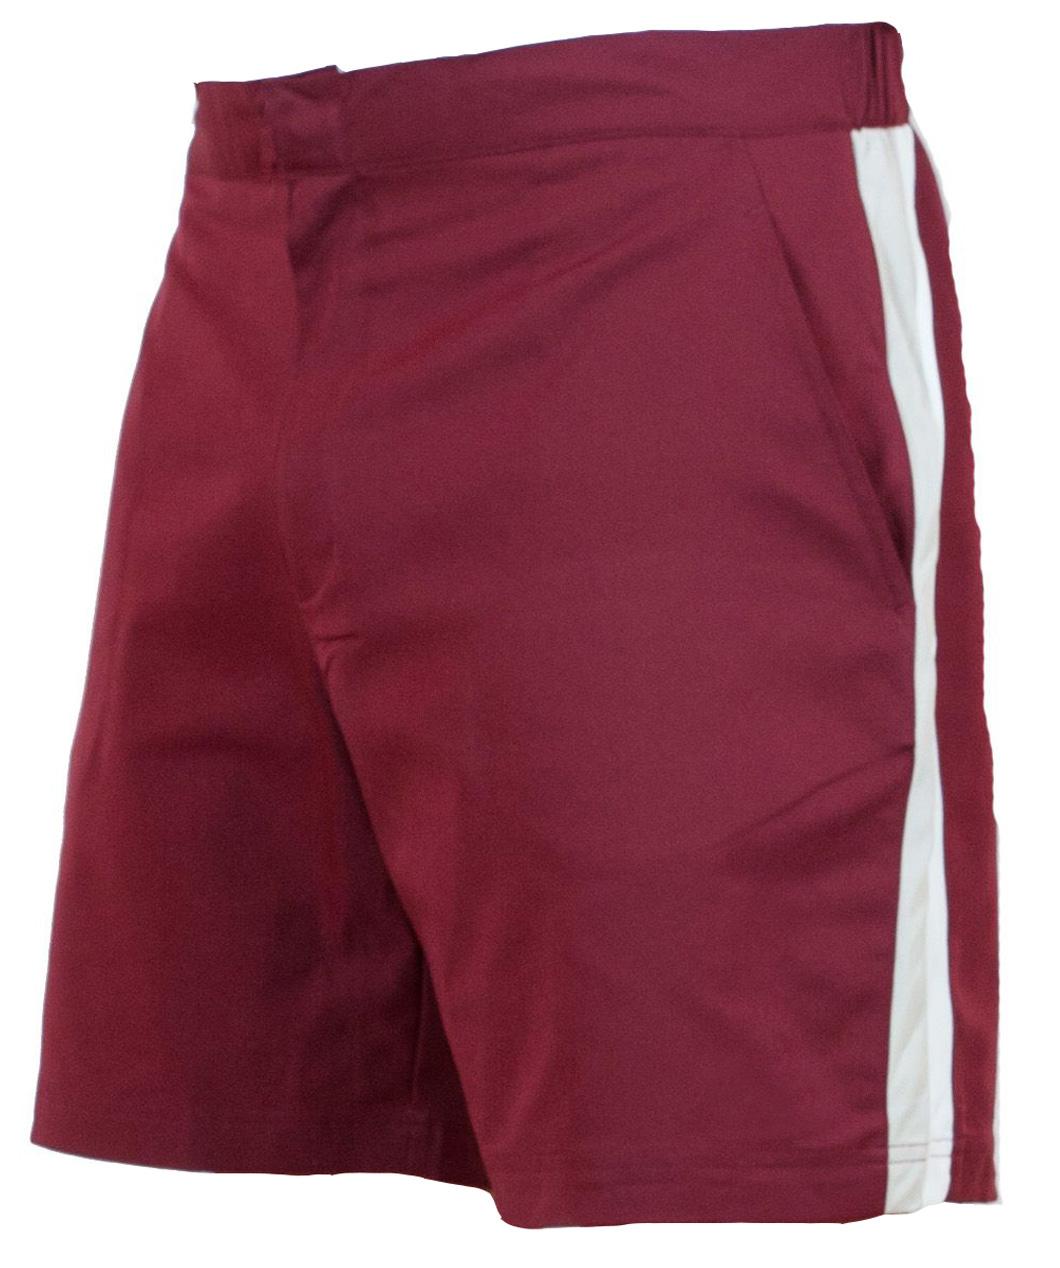 Купить летние шорты для мужчин